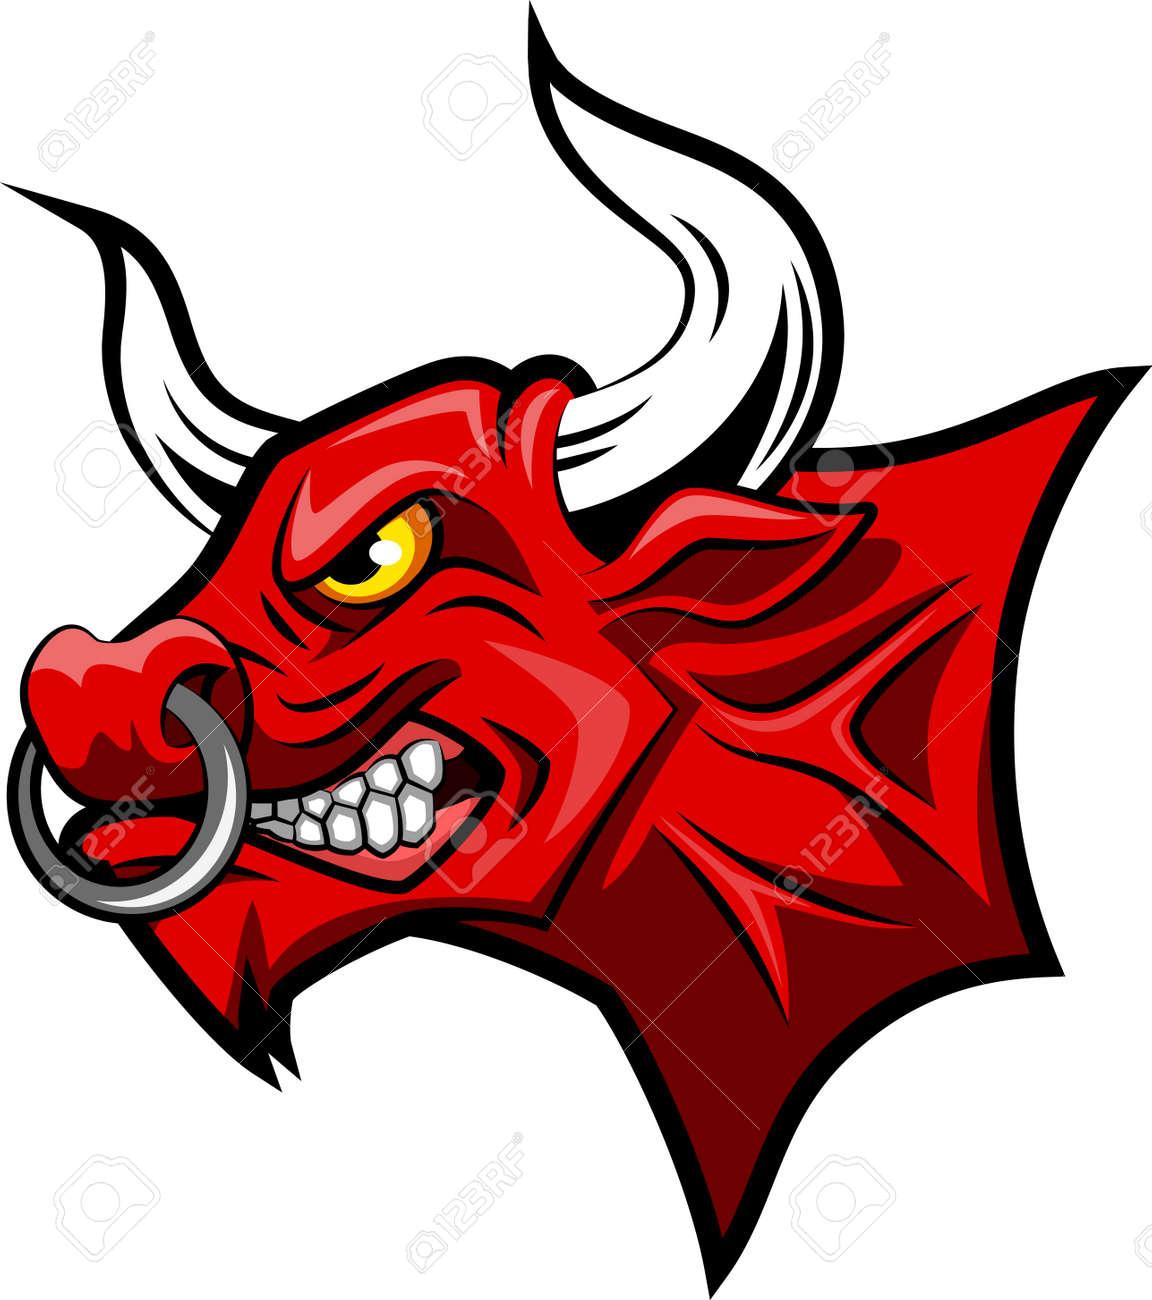 red bull mascot face vector illustration royalty free cliparts rh 123rf com bell vector art free download bill vector